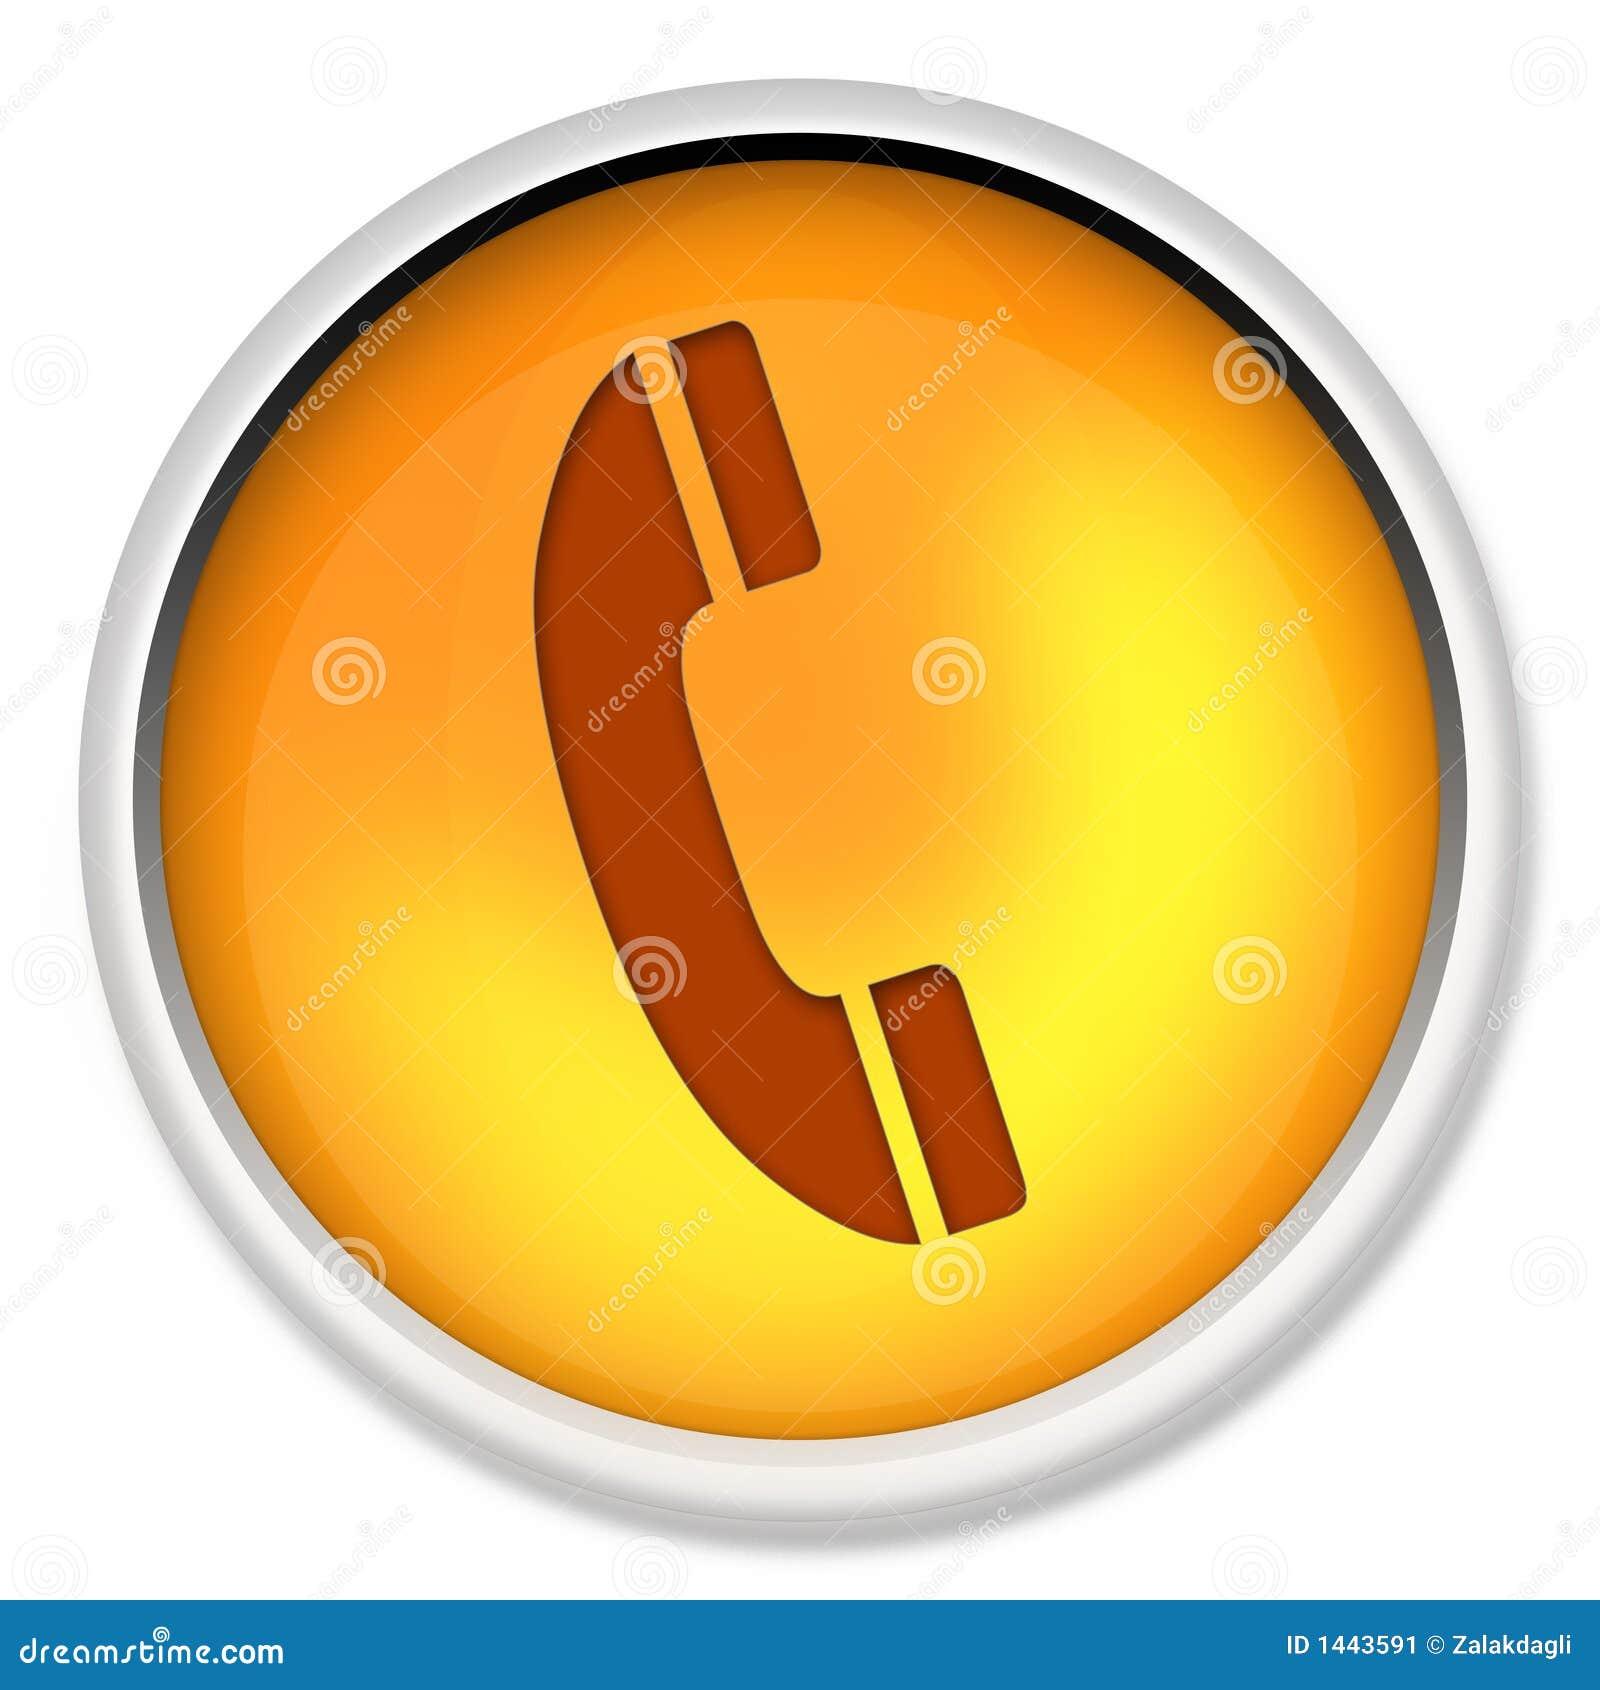 Sprzęt elektroniczny guzik kablowych telefon biurowy ikony telekomunikacyjnych telefon